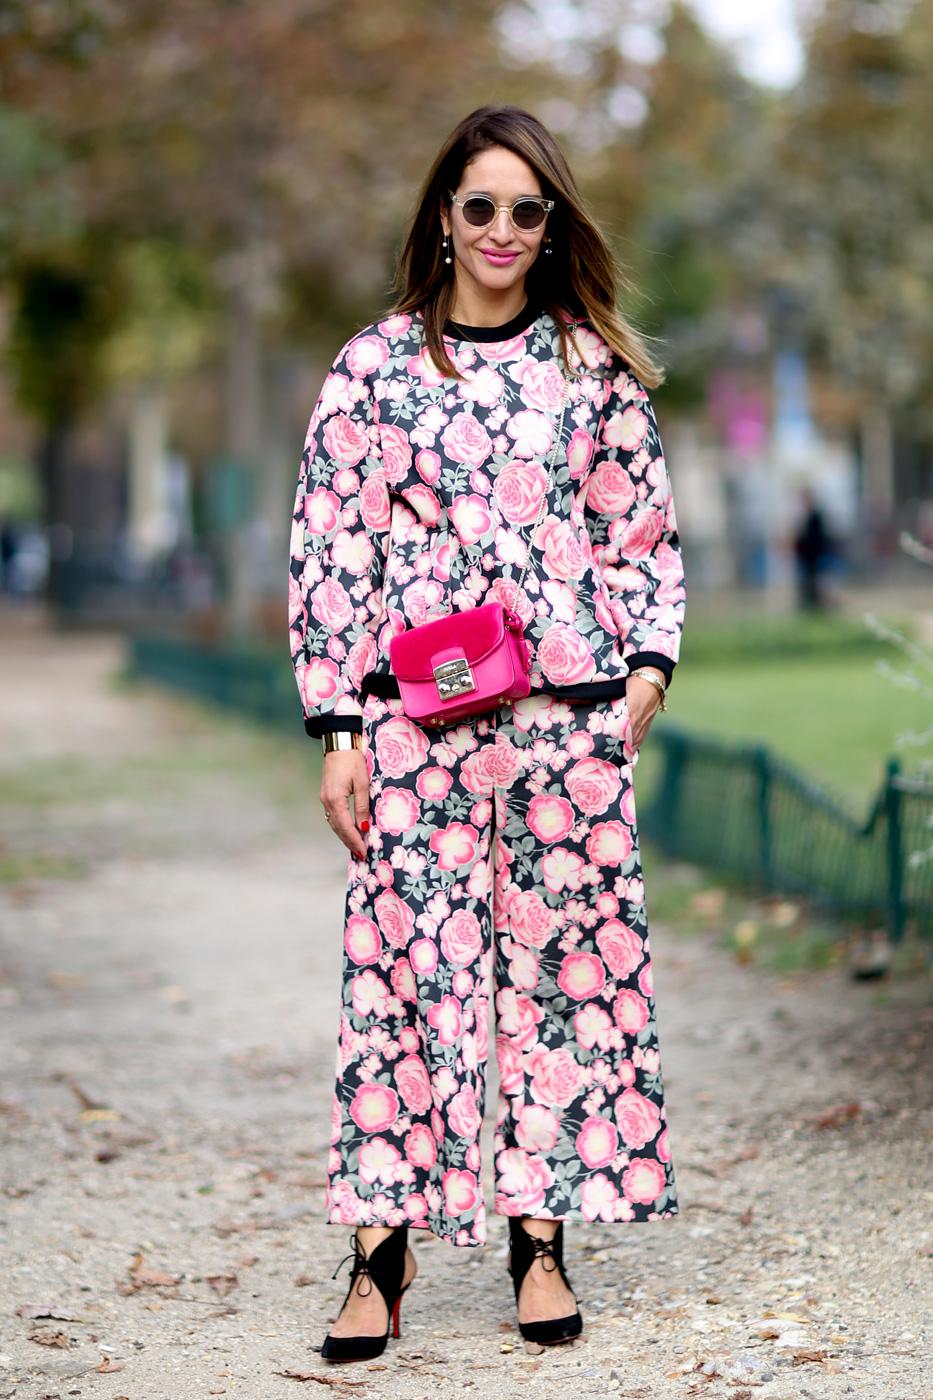 os-melhores-looks-de-street-style-da-semana-de-moda-de-paris-verao-2015 (31)